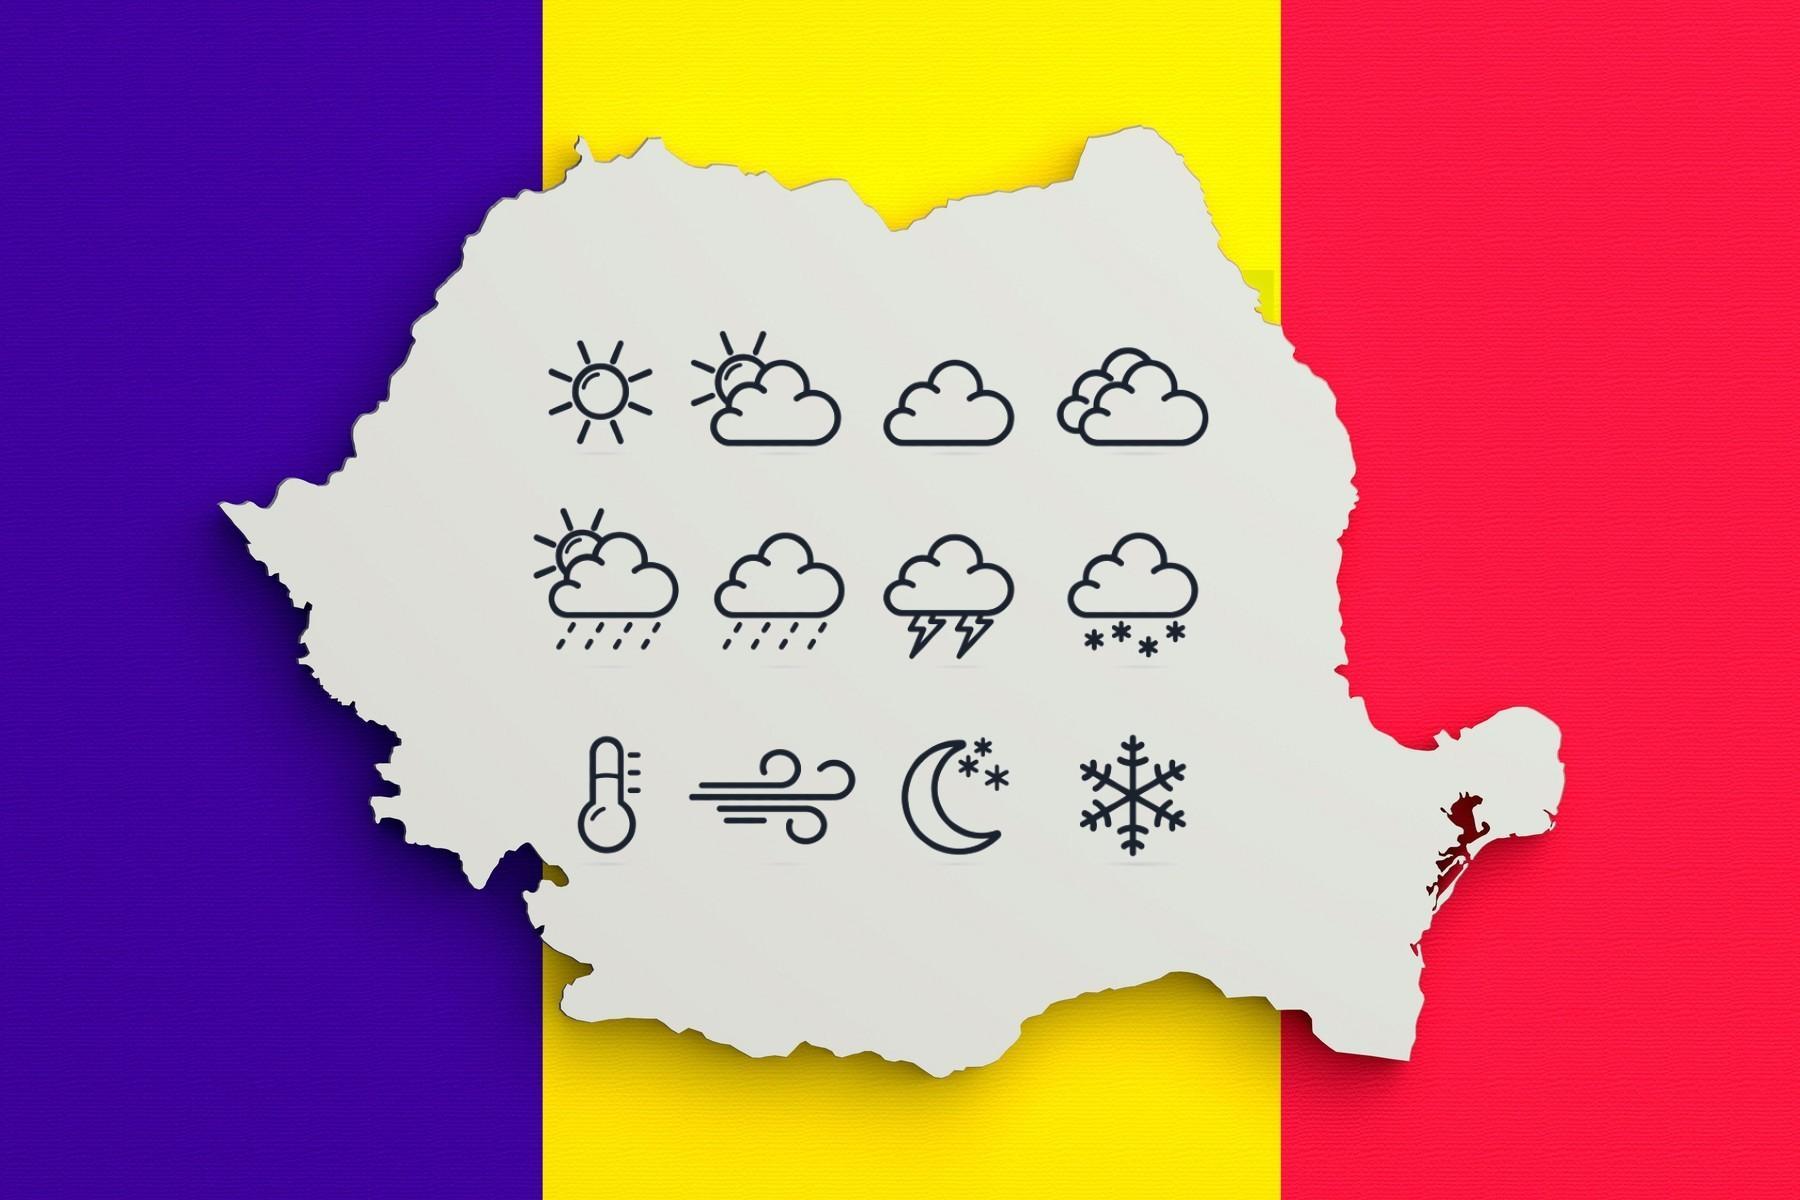 Prognoză meteo 27 octombrie 2020. Cum e vremea în România și care sunt previziunile ANM pentru astăzi